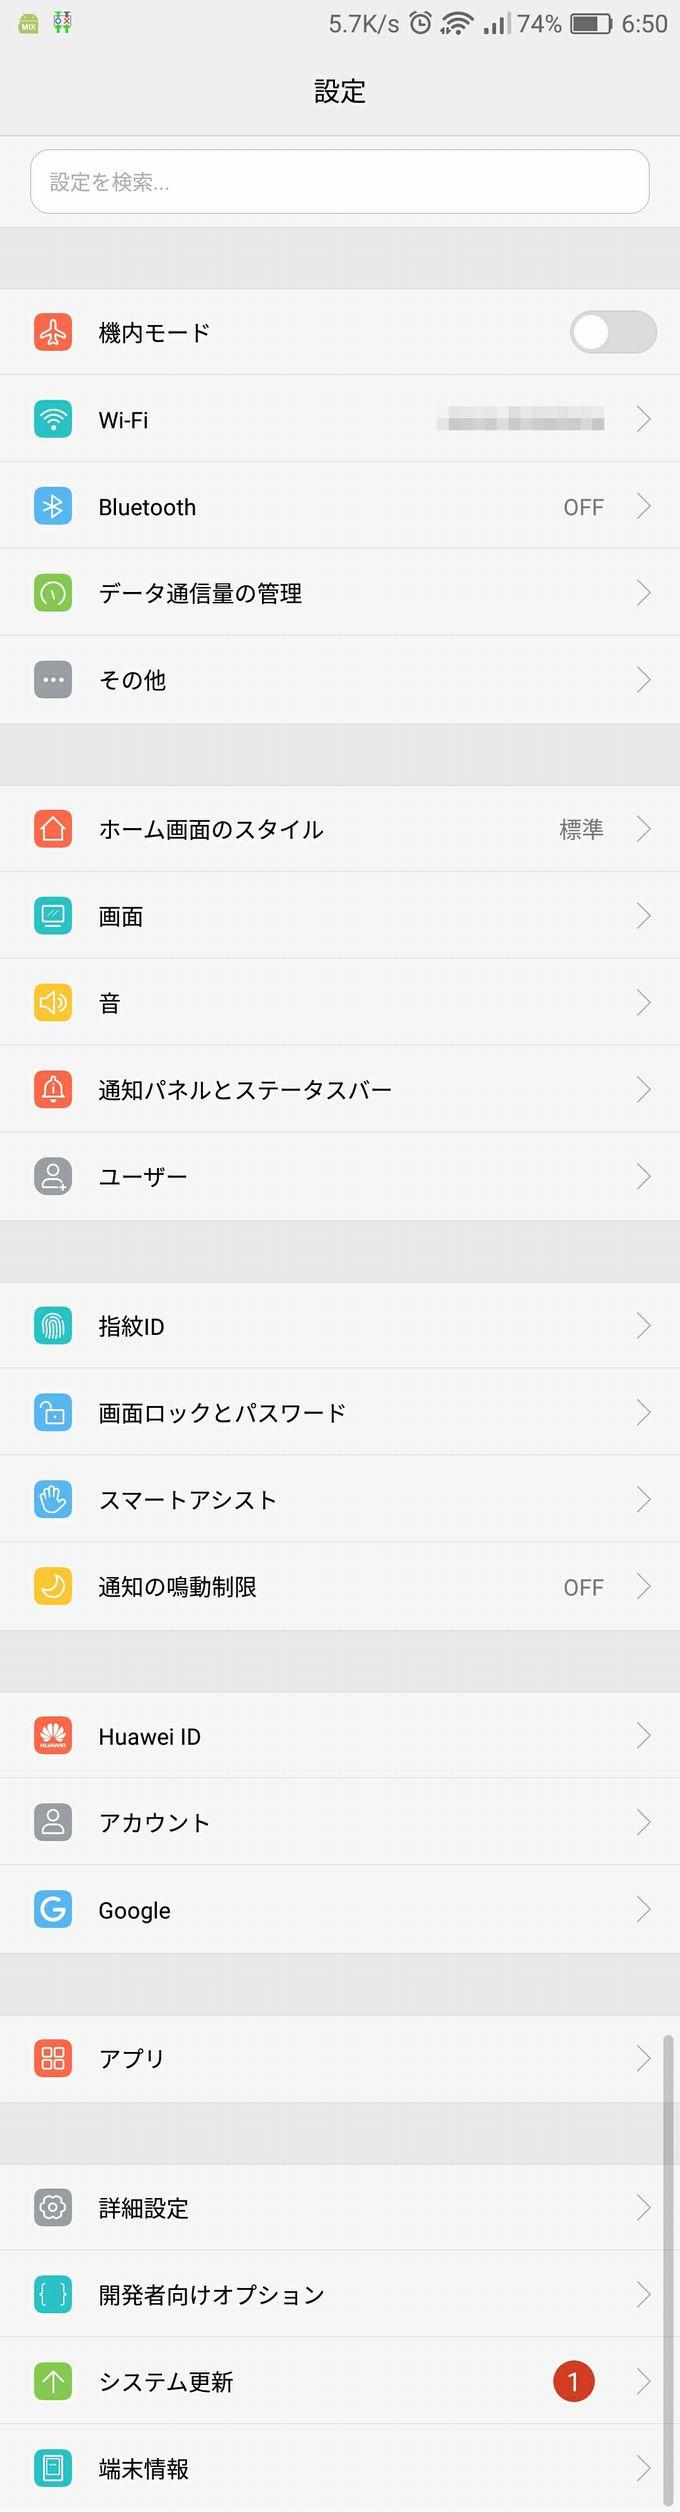 最初のアップデート後に追加された「Huawei ID」という項目